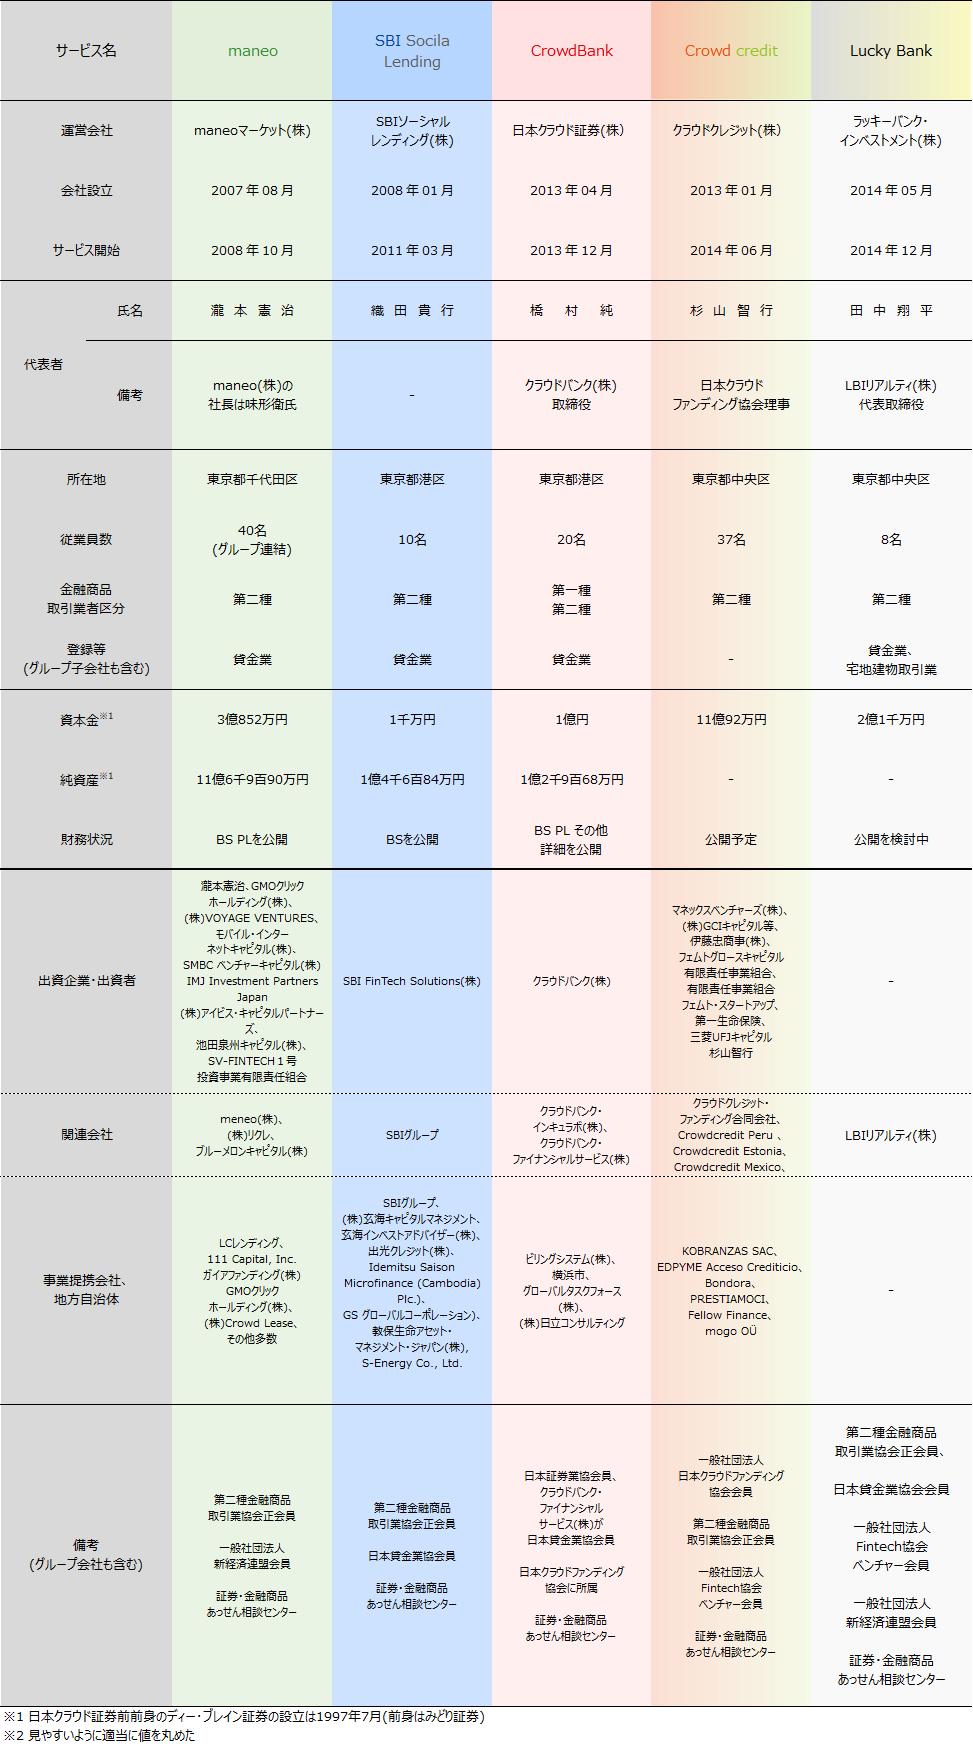 01_ソーシャルレンディング各社比較